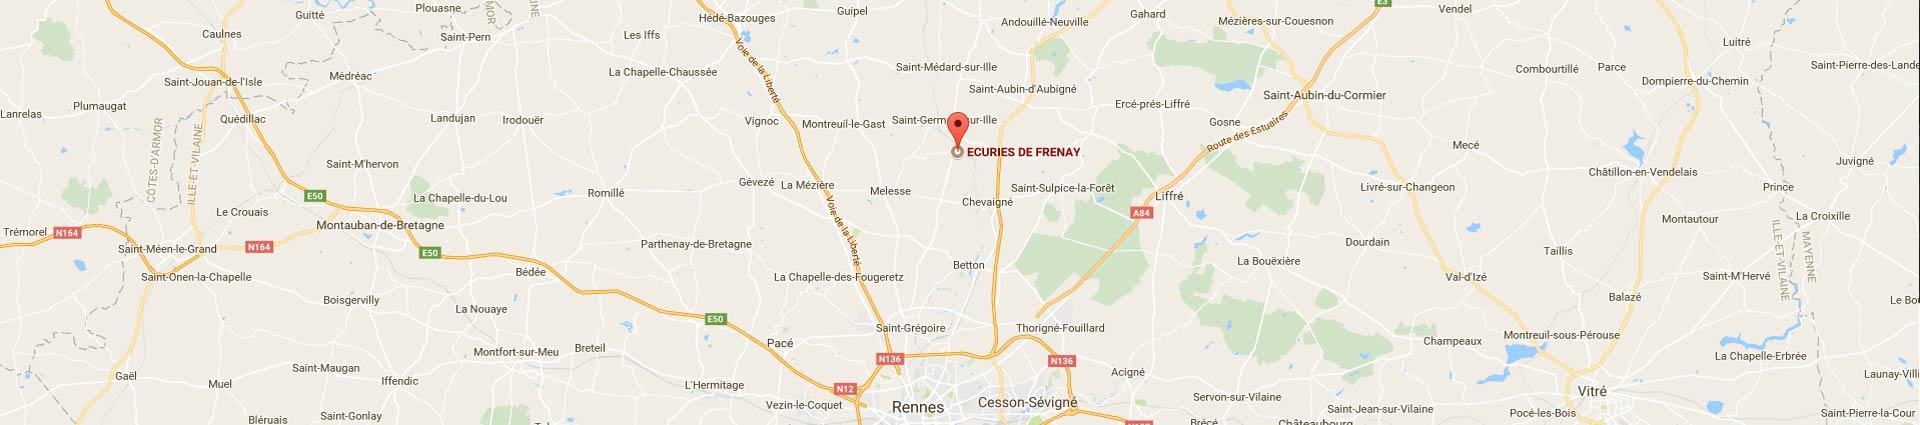 Plan d'accès des écuries de frenay près de Rennes